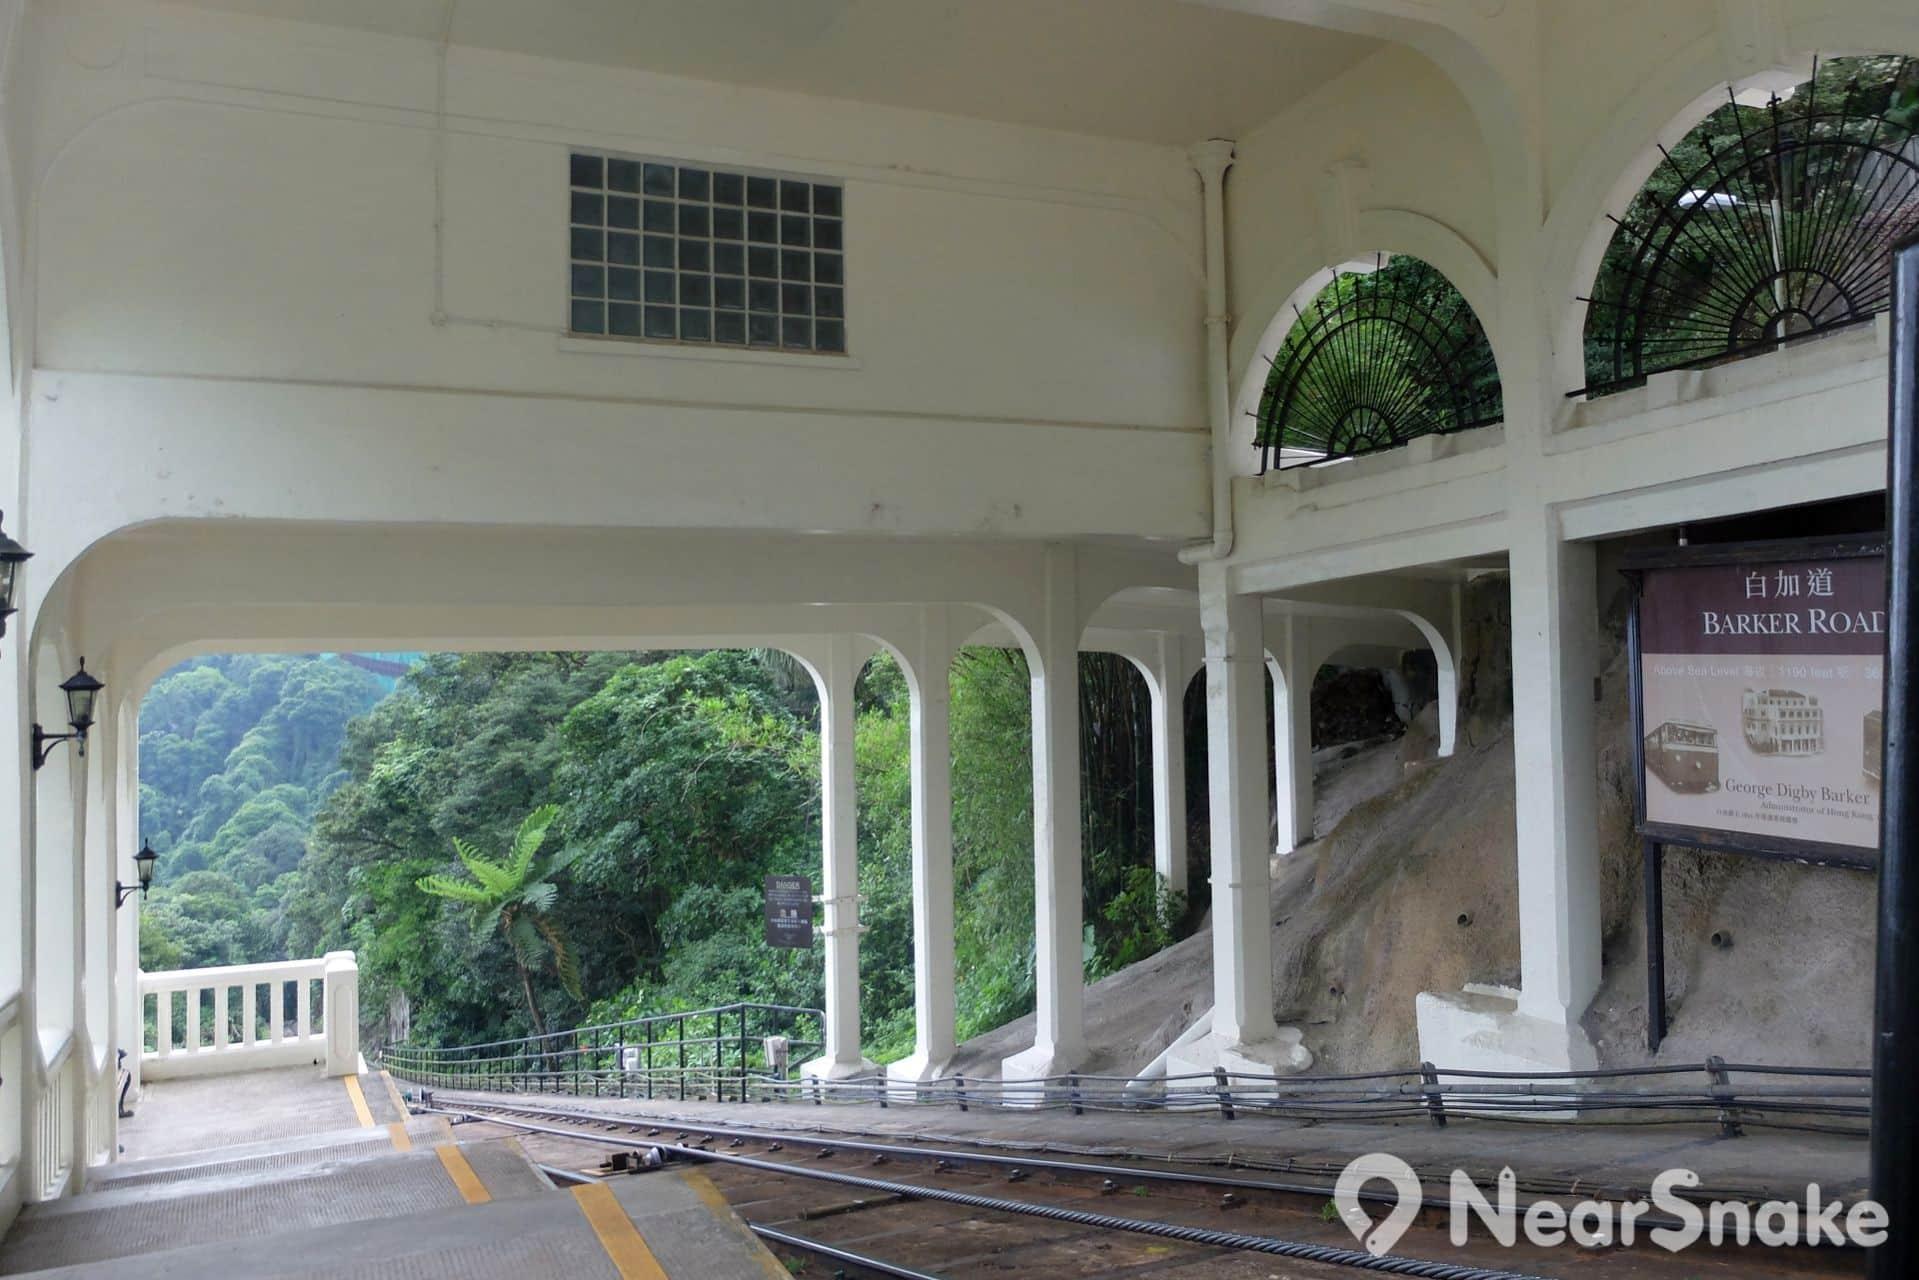 途經的幾個站均保留昔日建築風格,白加士道站更是港產片熱門景點,《金雞》阿金便在此遇上自己親孫。白加士道站亦是拍攝纜車較佳地點。